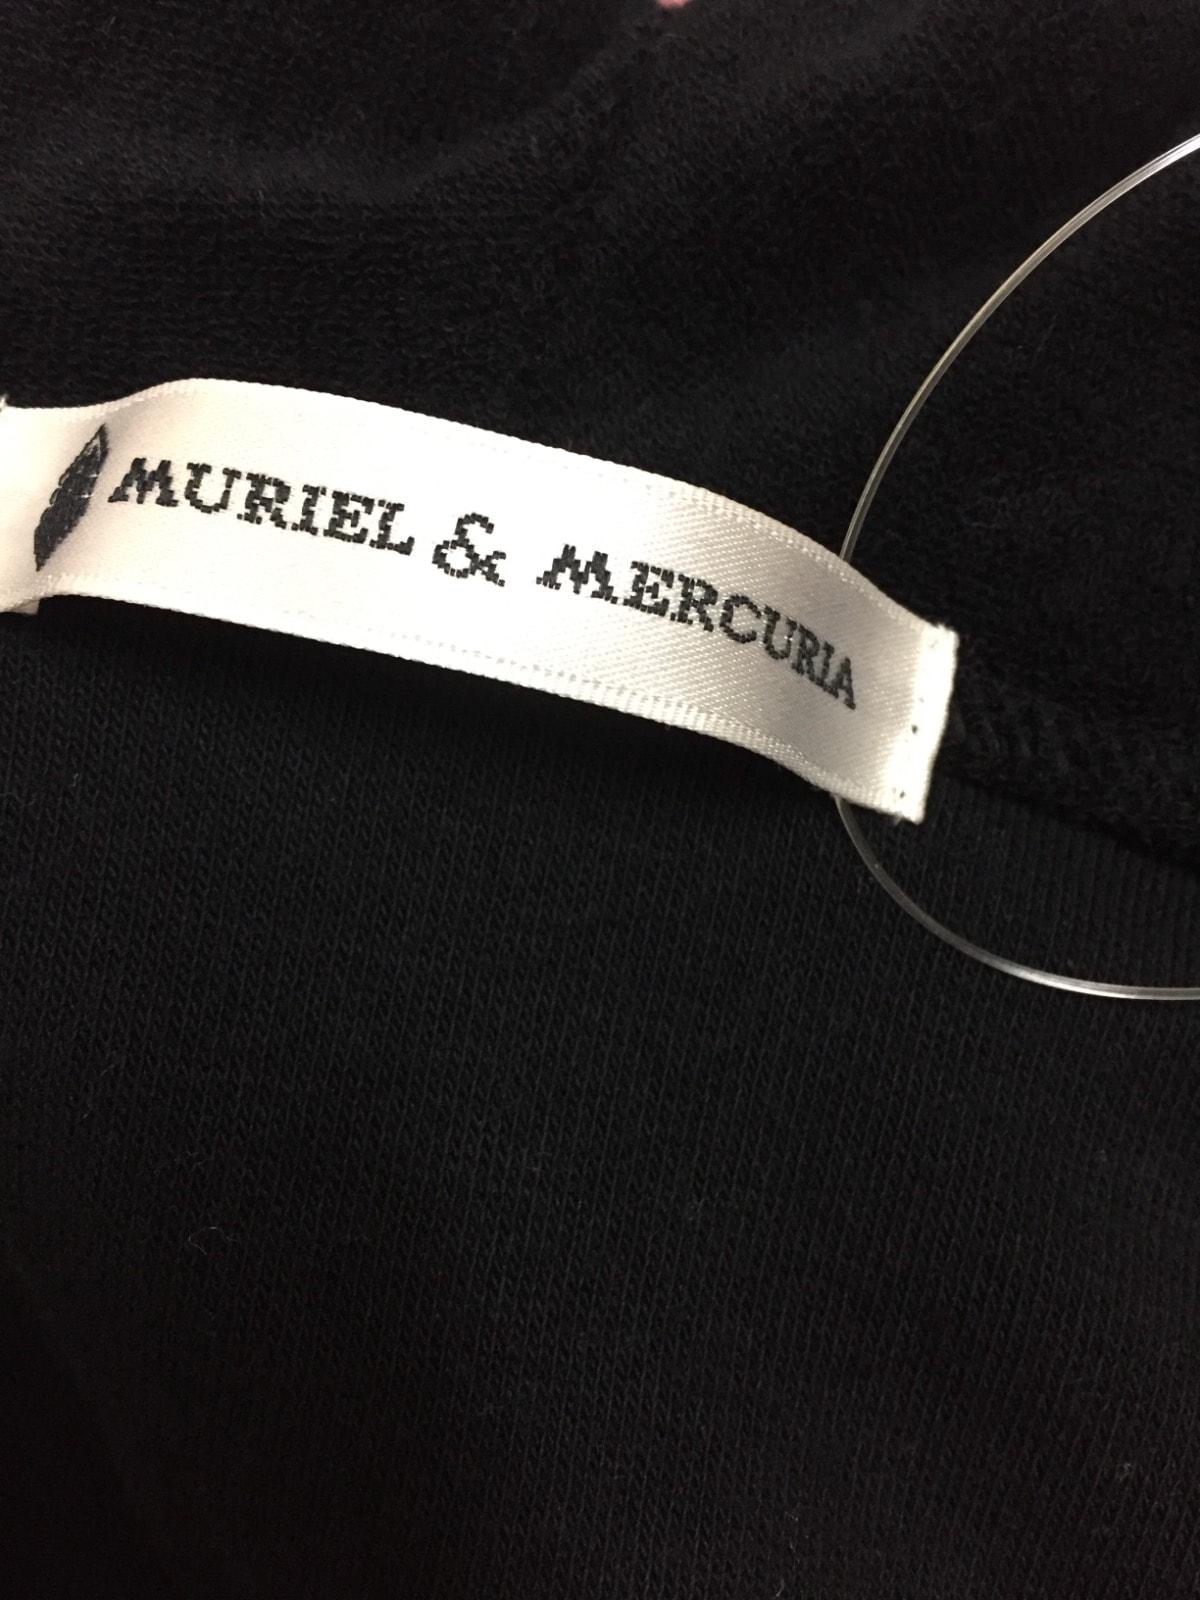 muriel&mercuria(マリエル&マキュリア)のチュニック